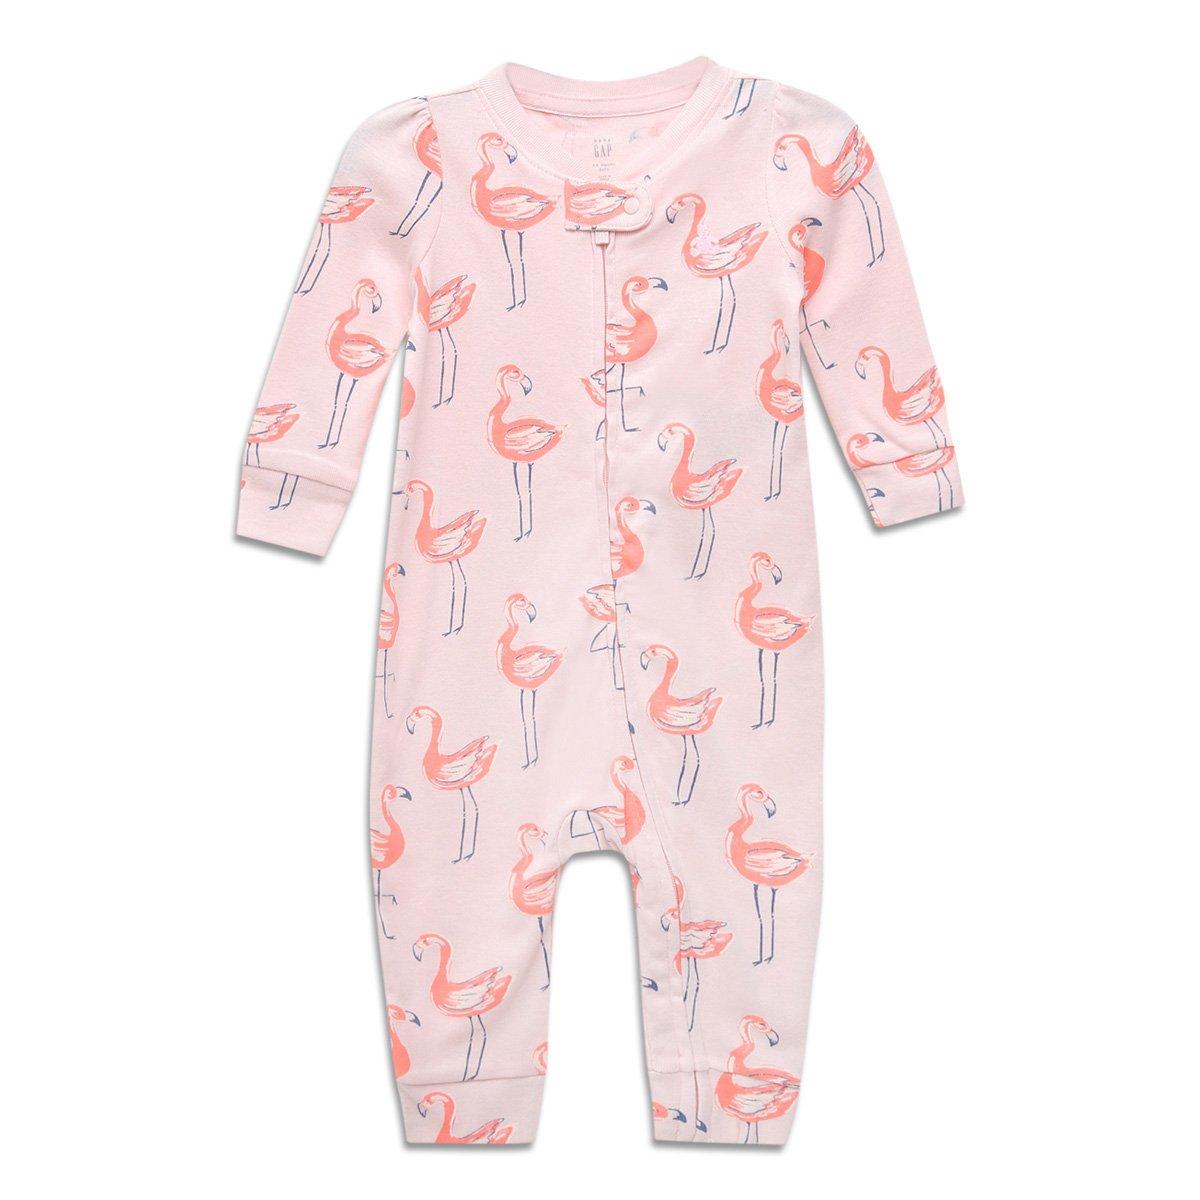 Macacão Bebê GAP Longo Flamingo Feminino